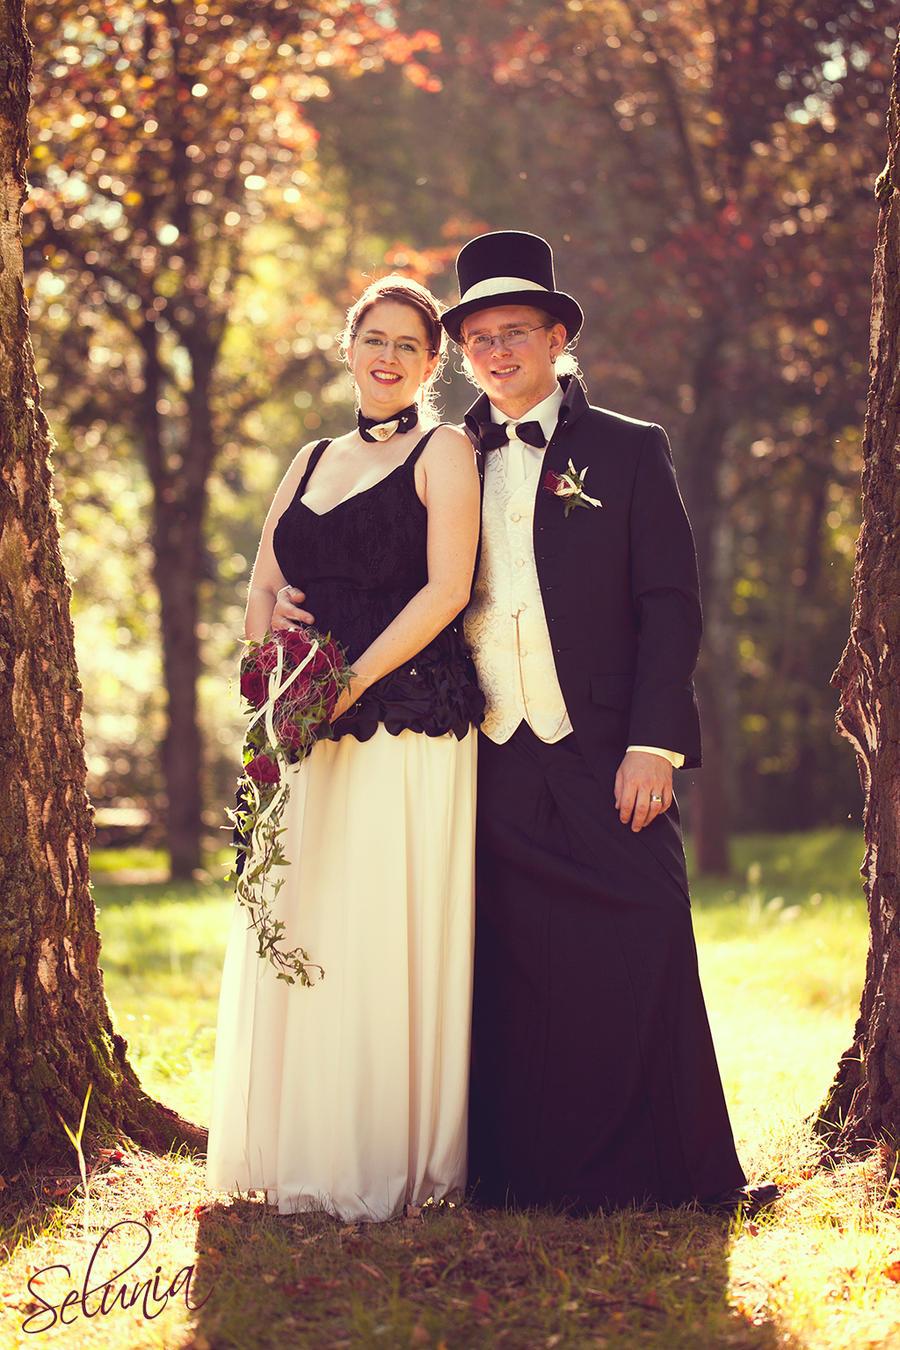 Autumn Wedding by Selunia